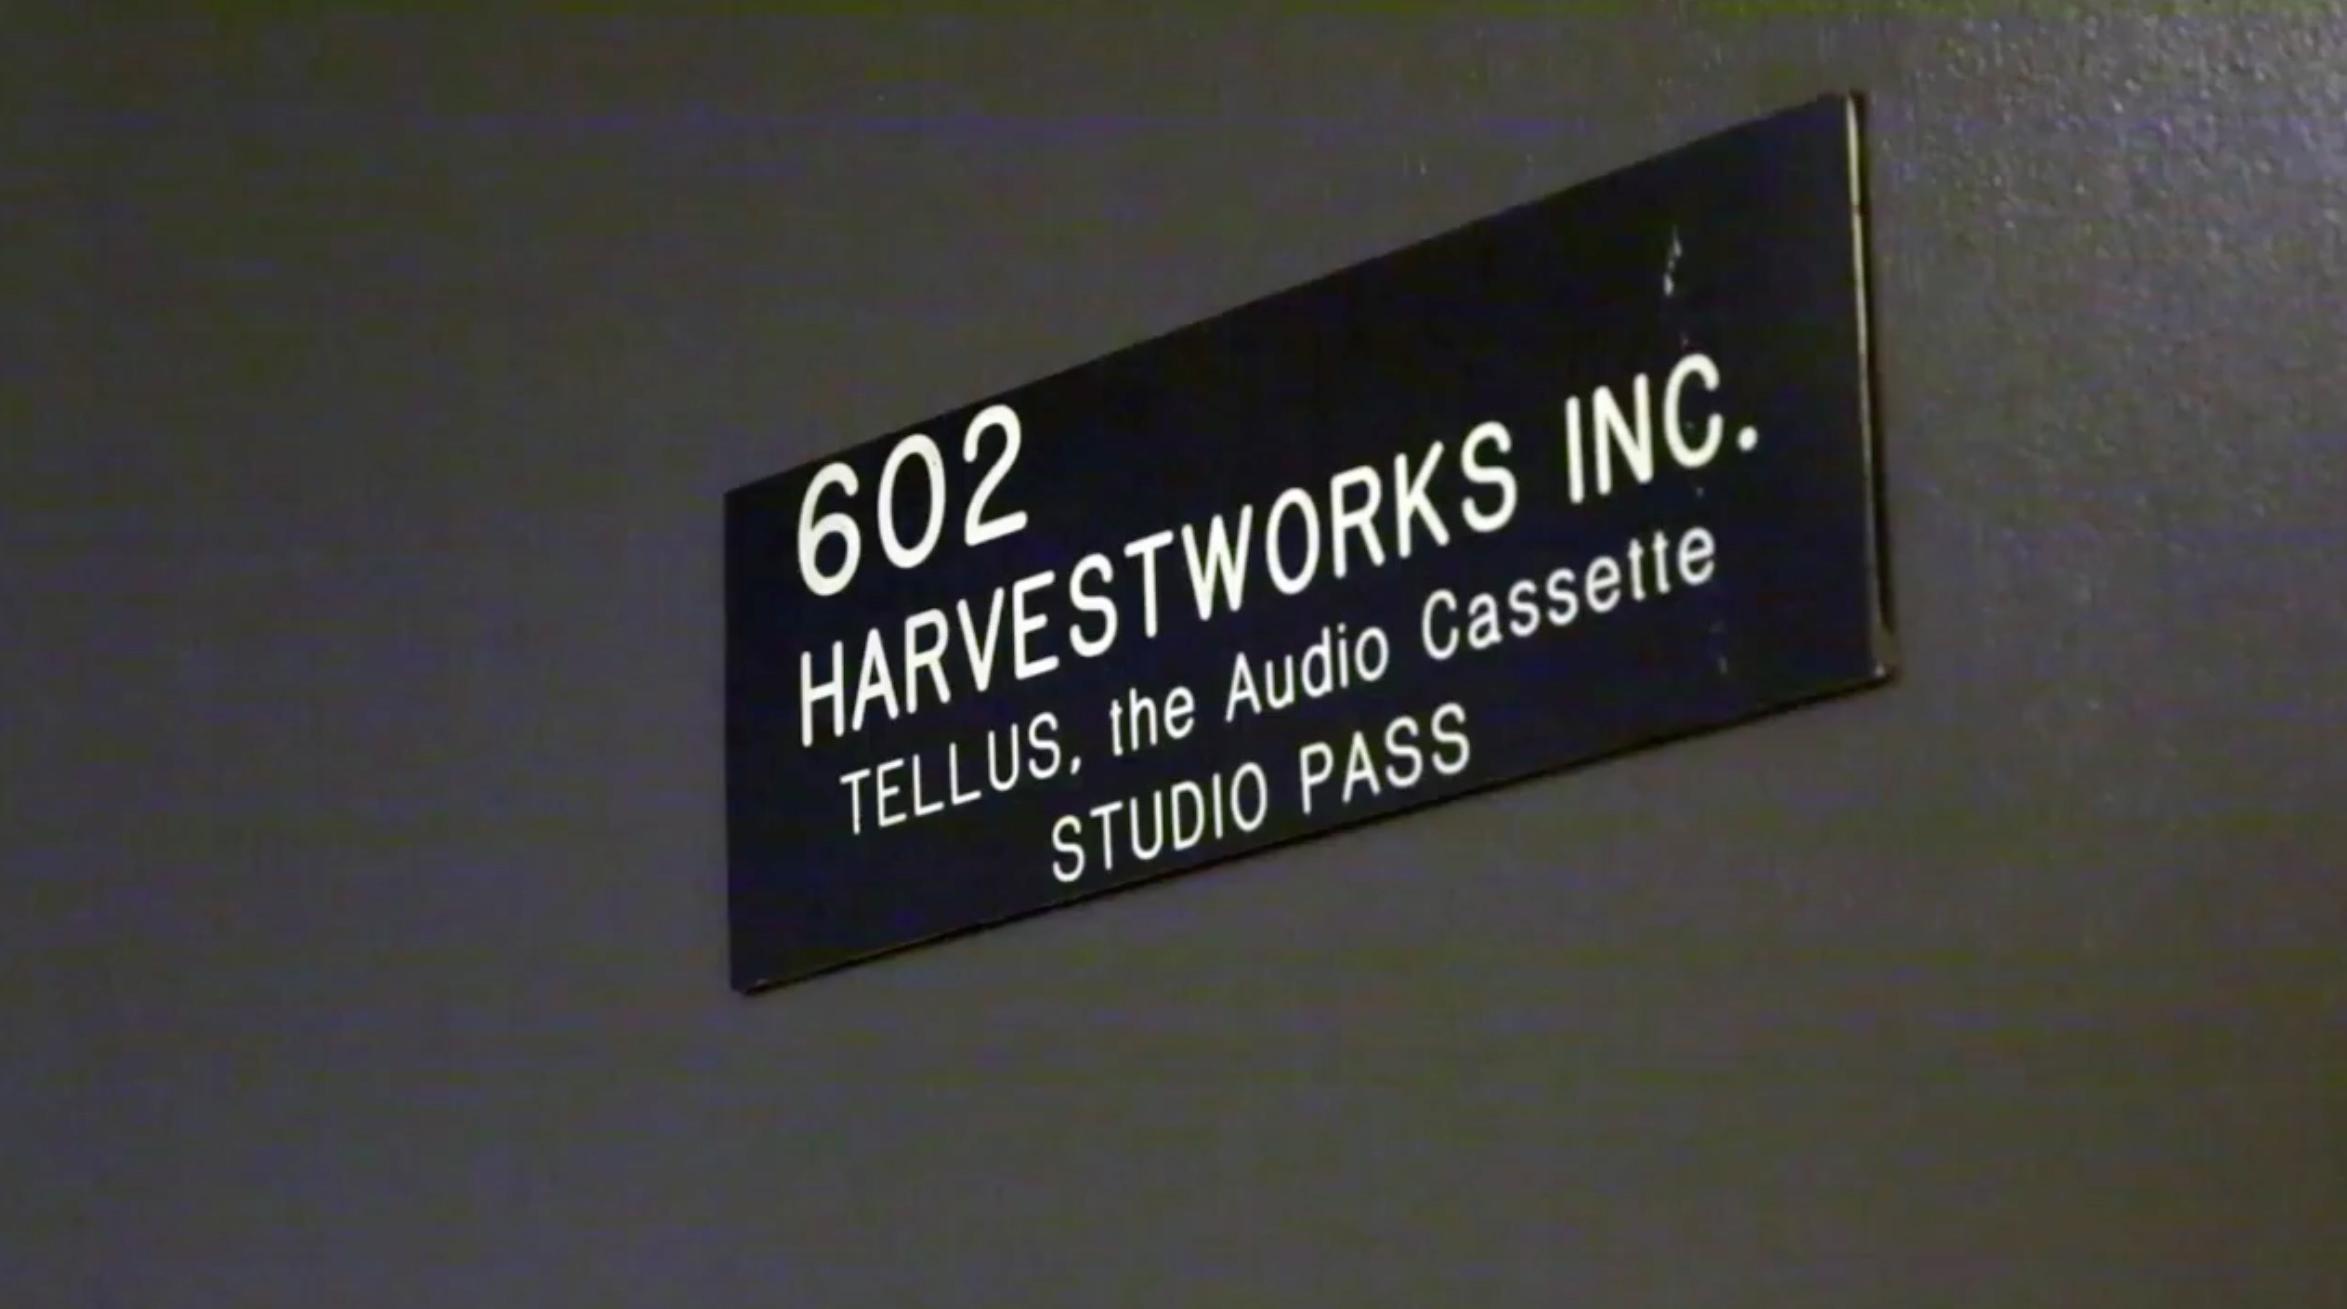 harvest-portfolio.jpg